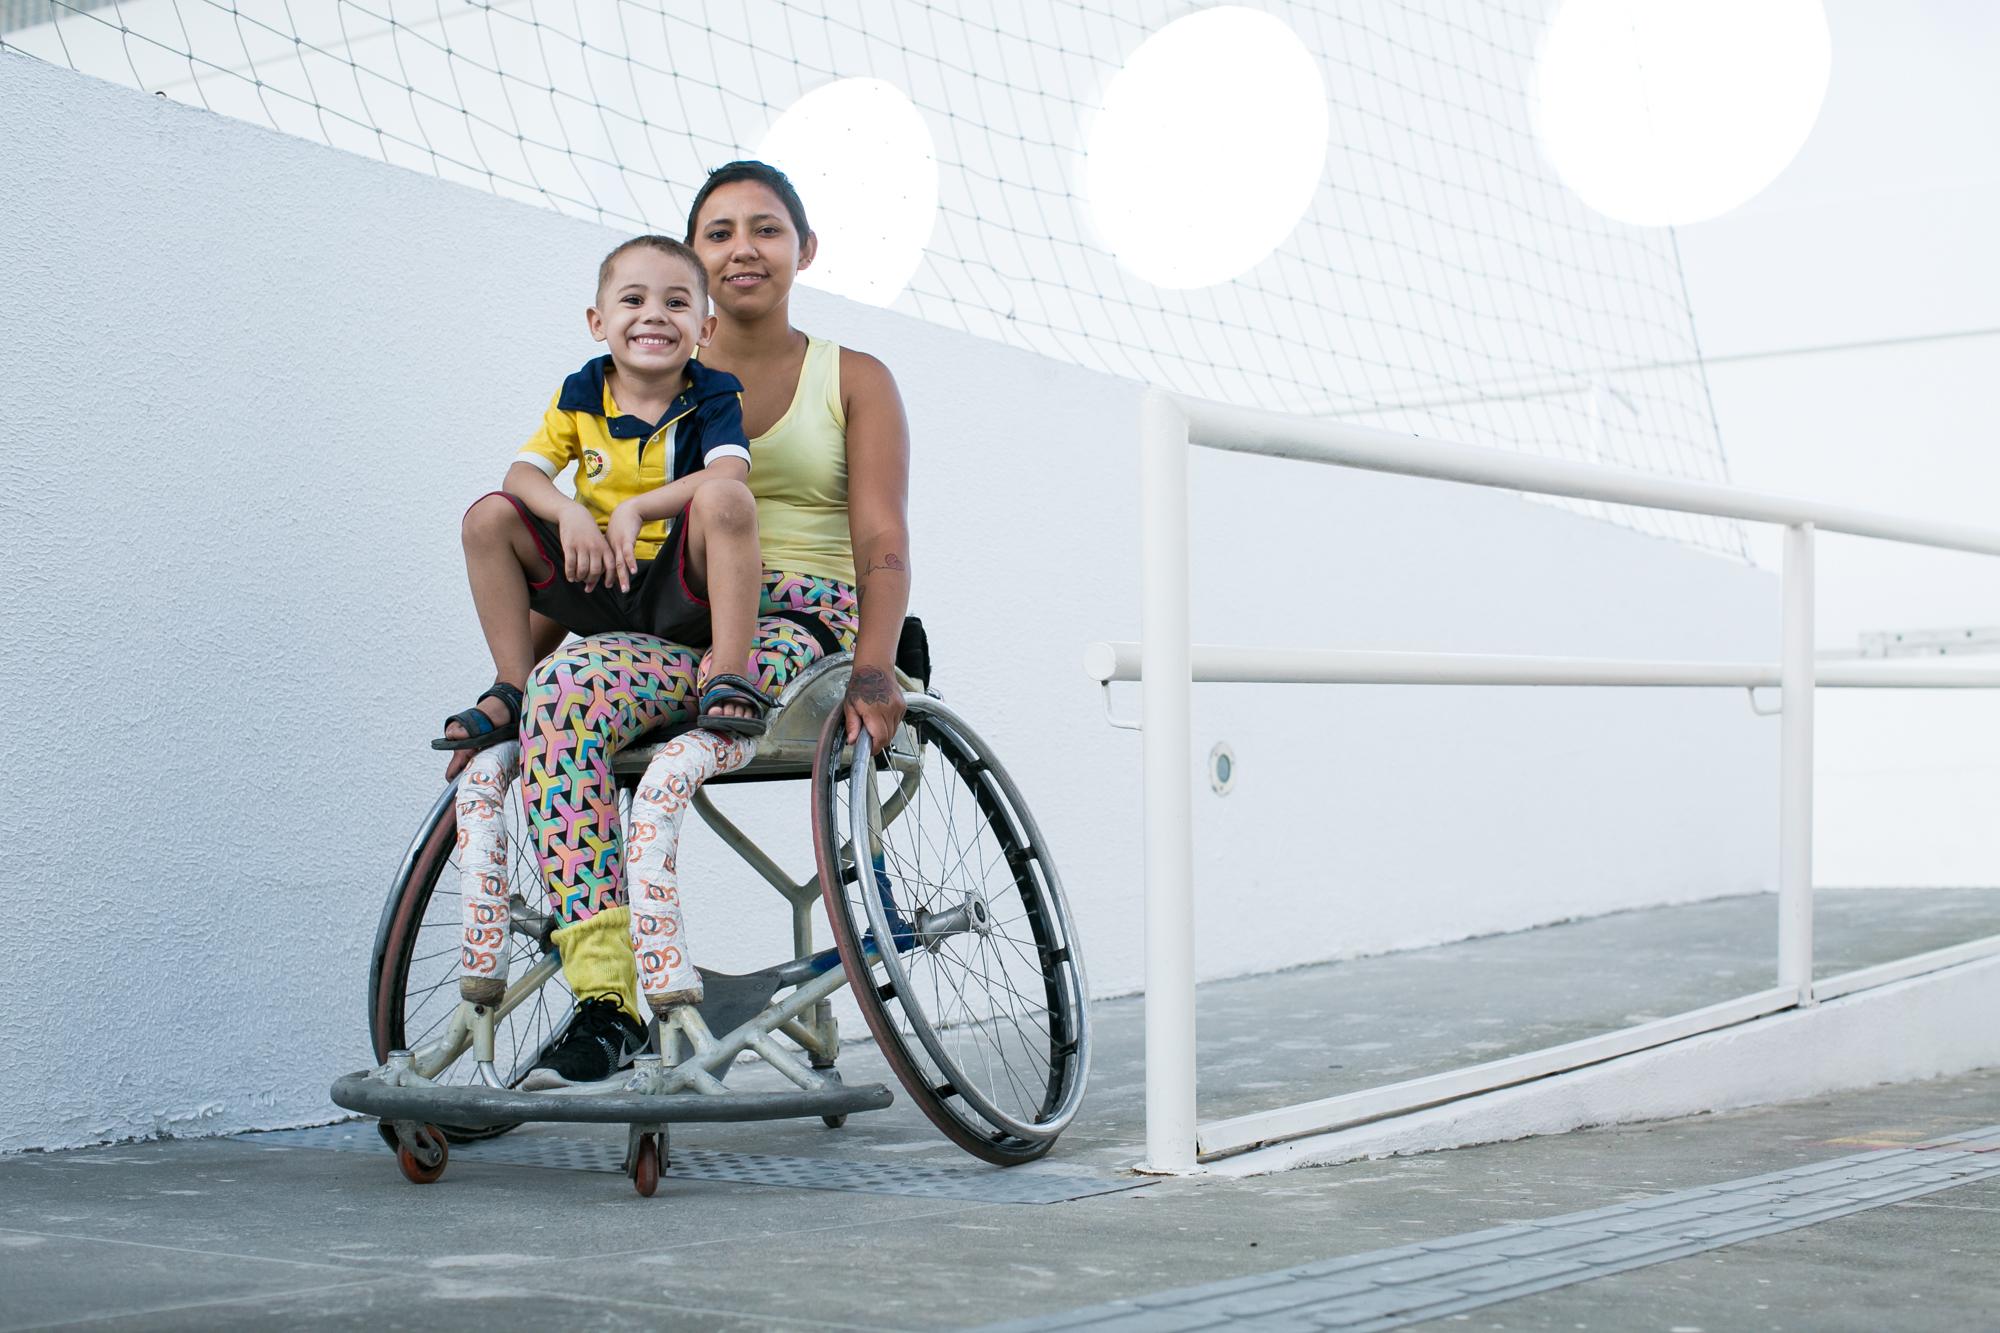 Na terceira matéria da série sobre o Dia Nacional de Luta da Pessoa com Deficiência, vamos abordar a importância da acessibilidade nos projetos e obras do Estado